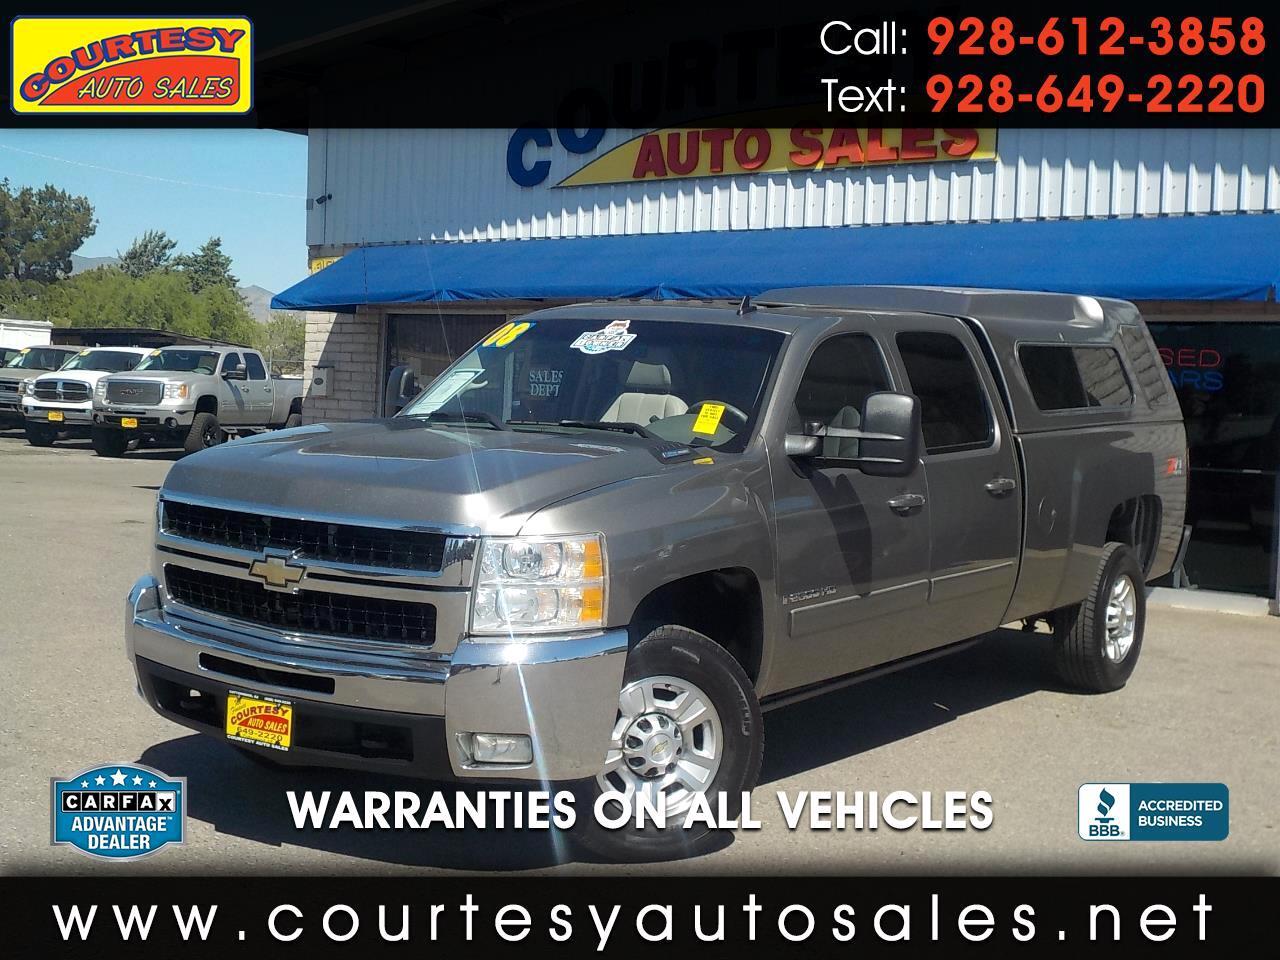 2008 Chevrolet Silverado 2500HD 4WD Crew Cab 167